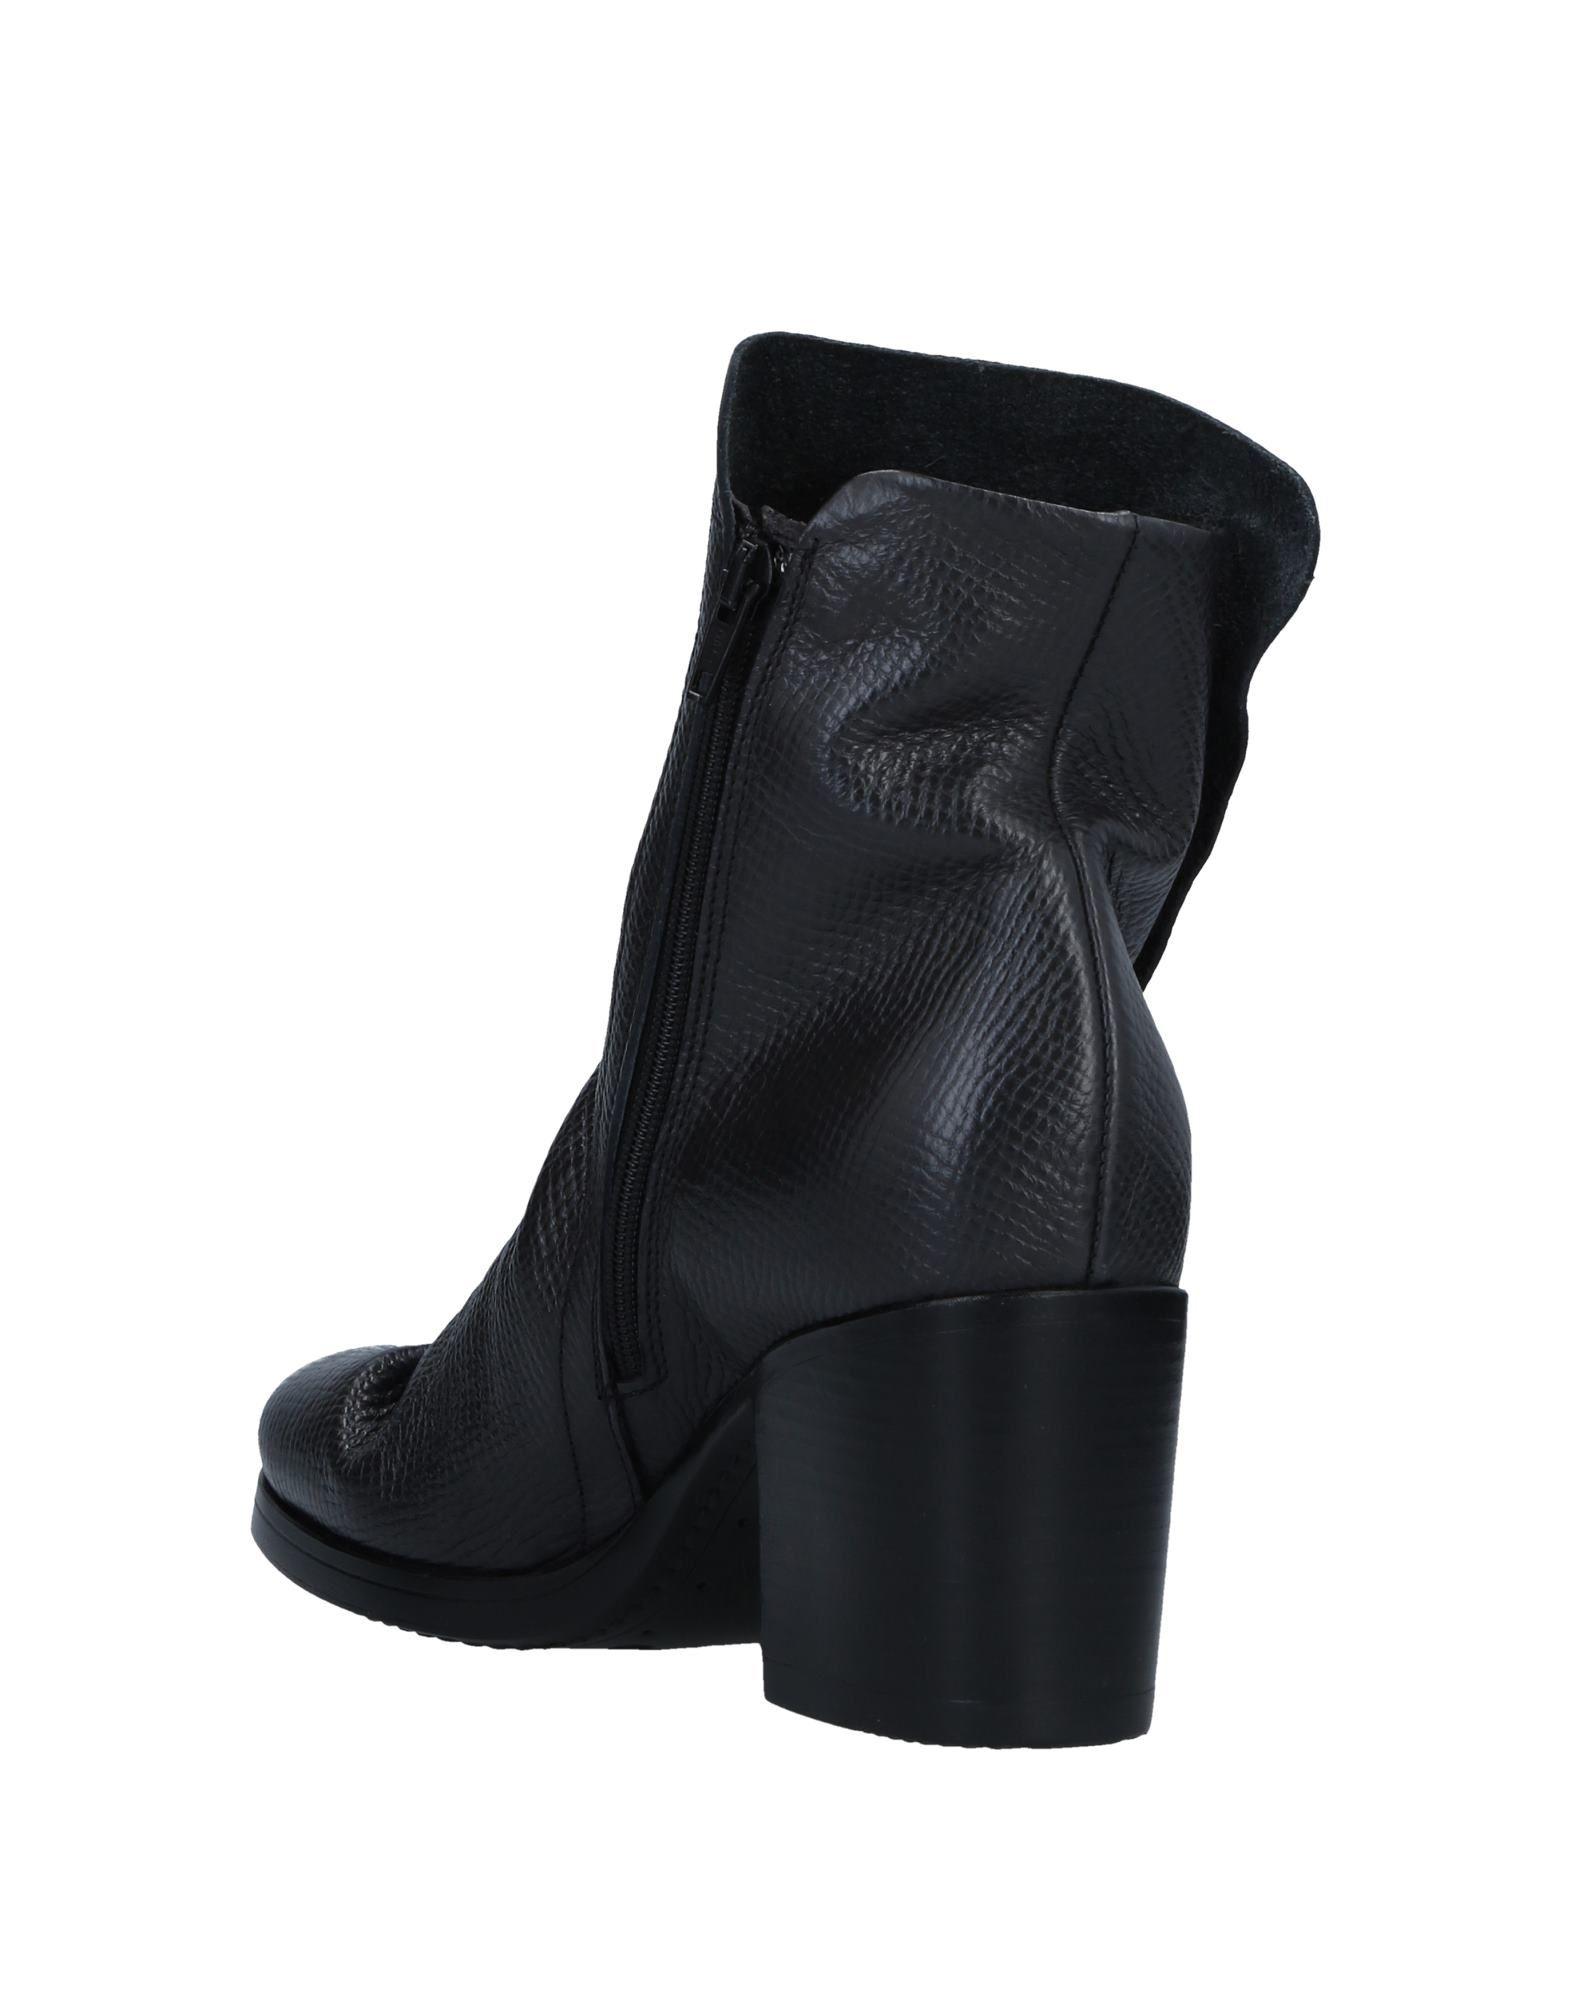 Lilimill Stiefelette Damen  beliebte 11522272MW Gute Qualität beliebte  Schuhe f0b4ae